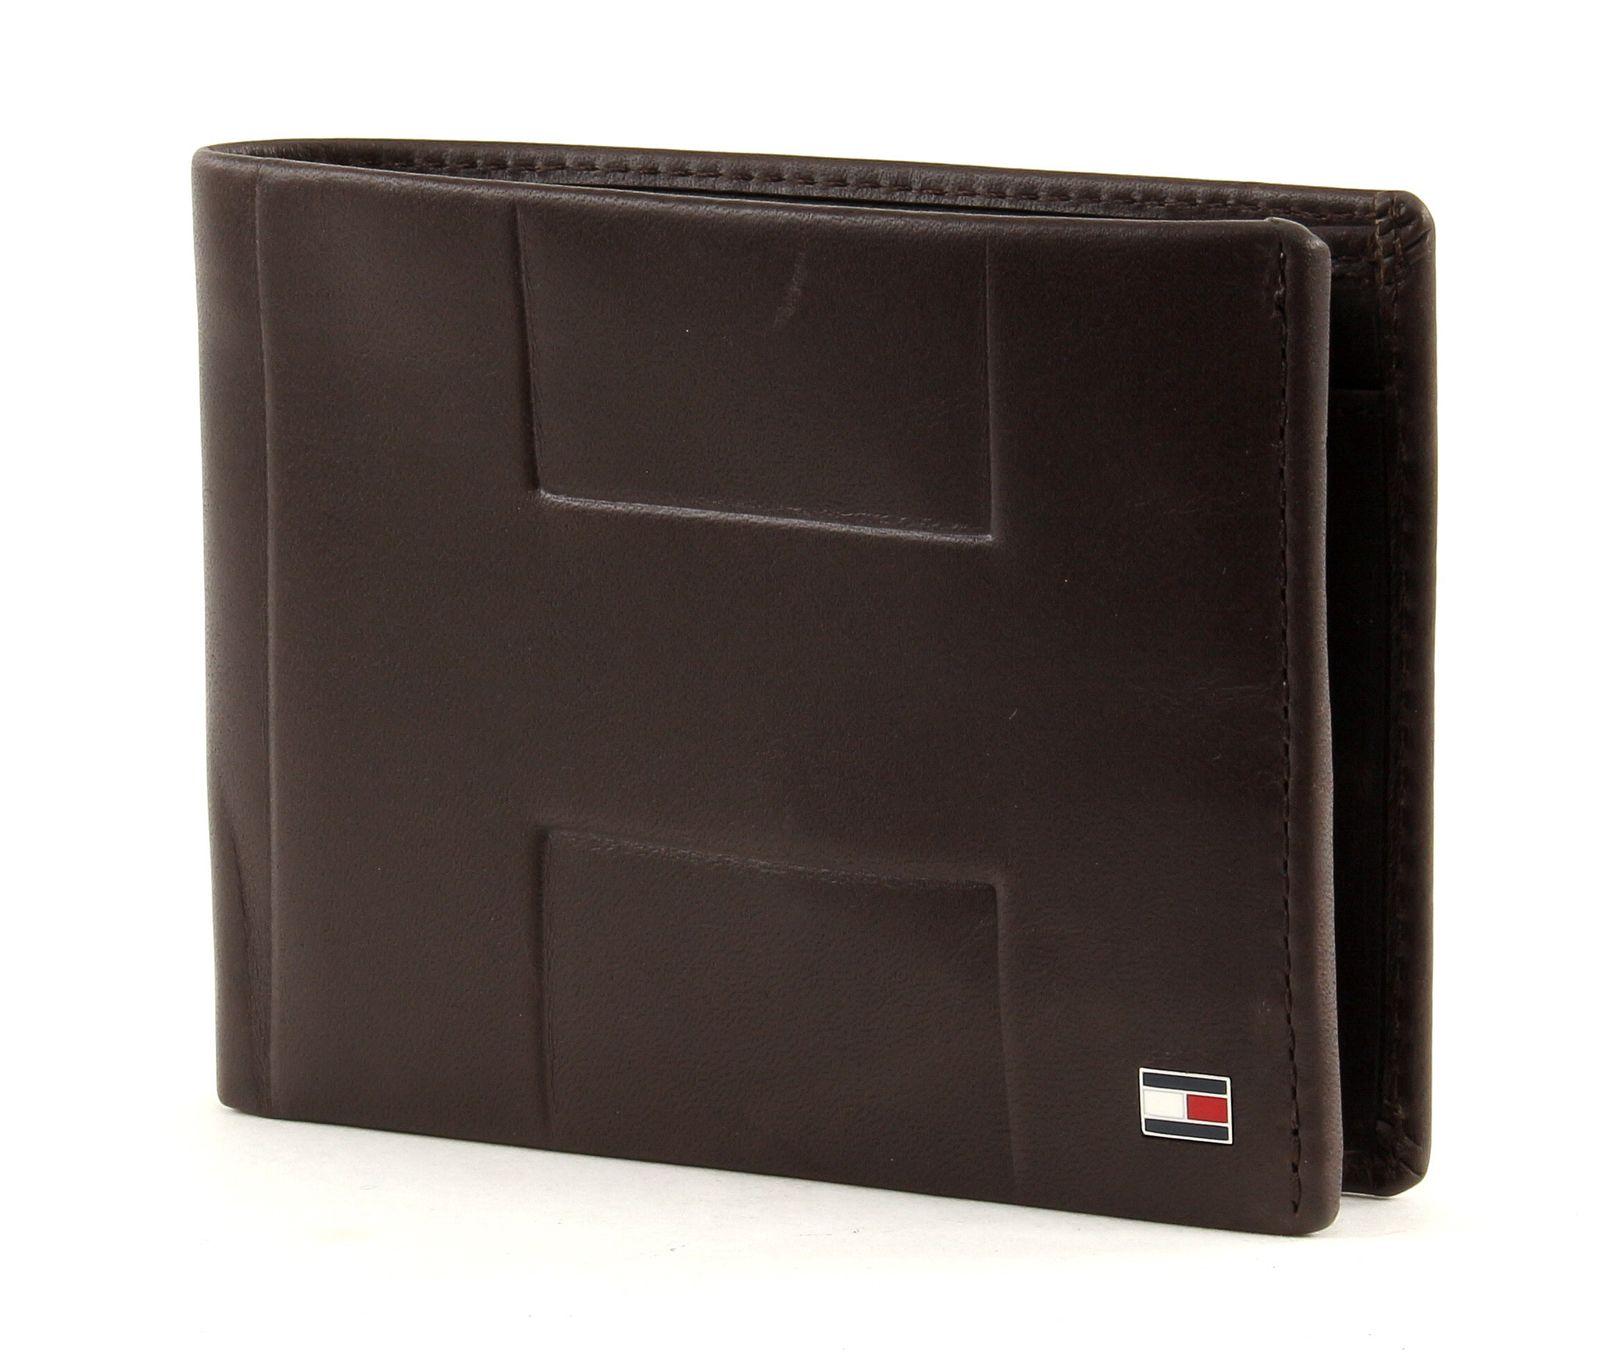 tommy hilfiger th emboss extra cc and coin pocket leder. Black Bedroom Furniture Sets. Home Design Ideas